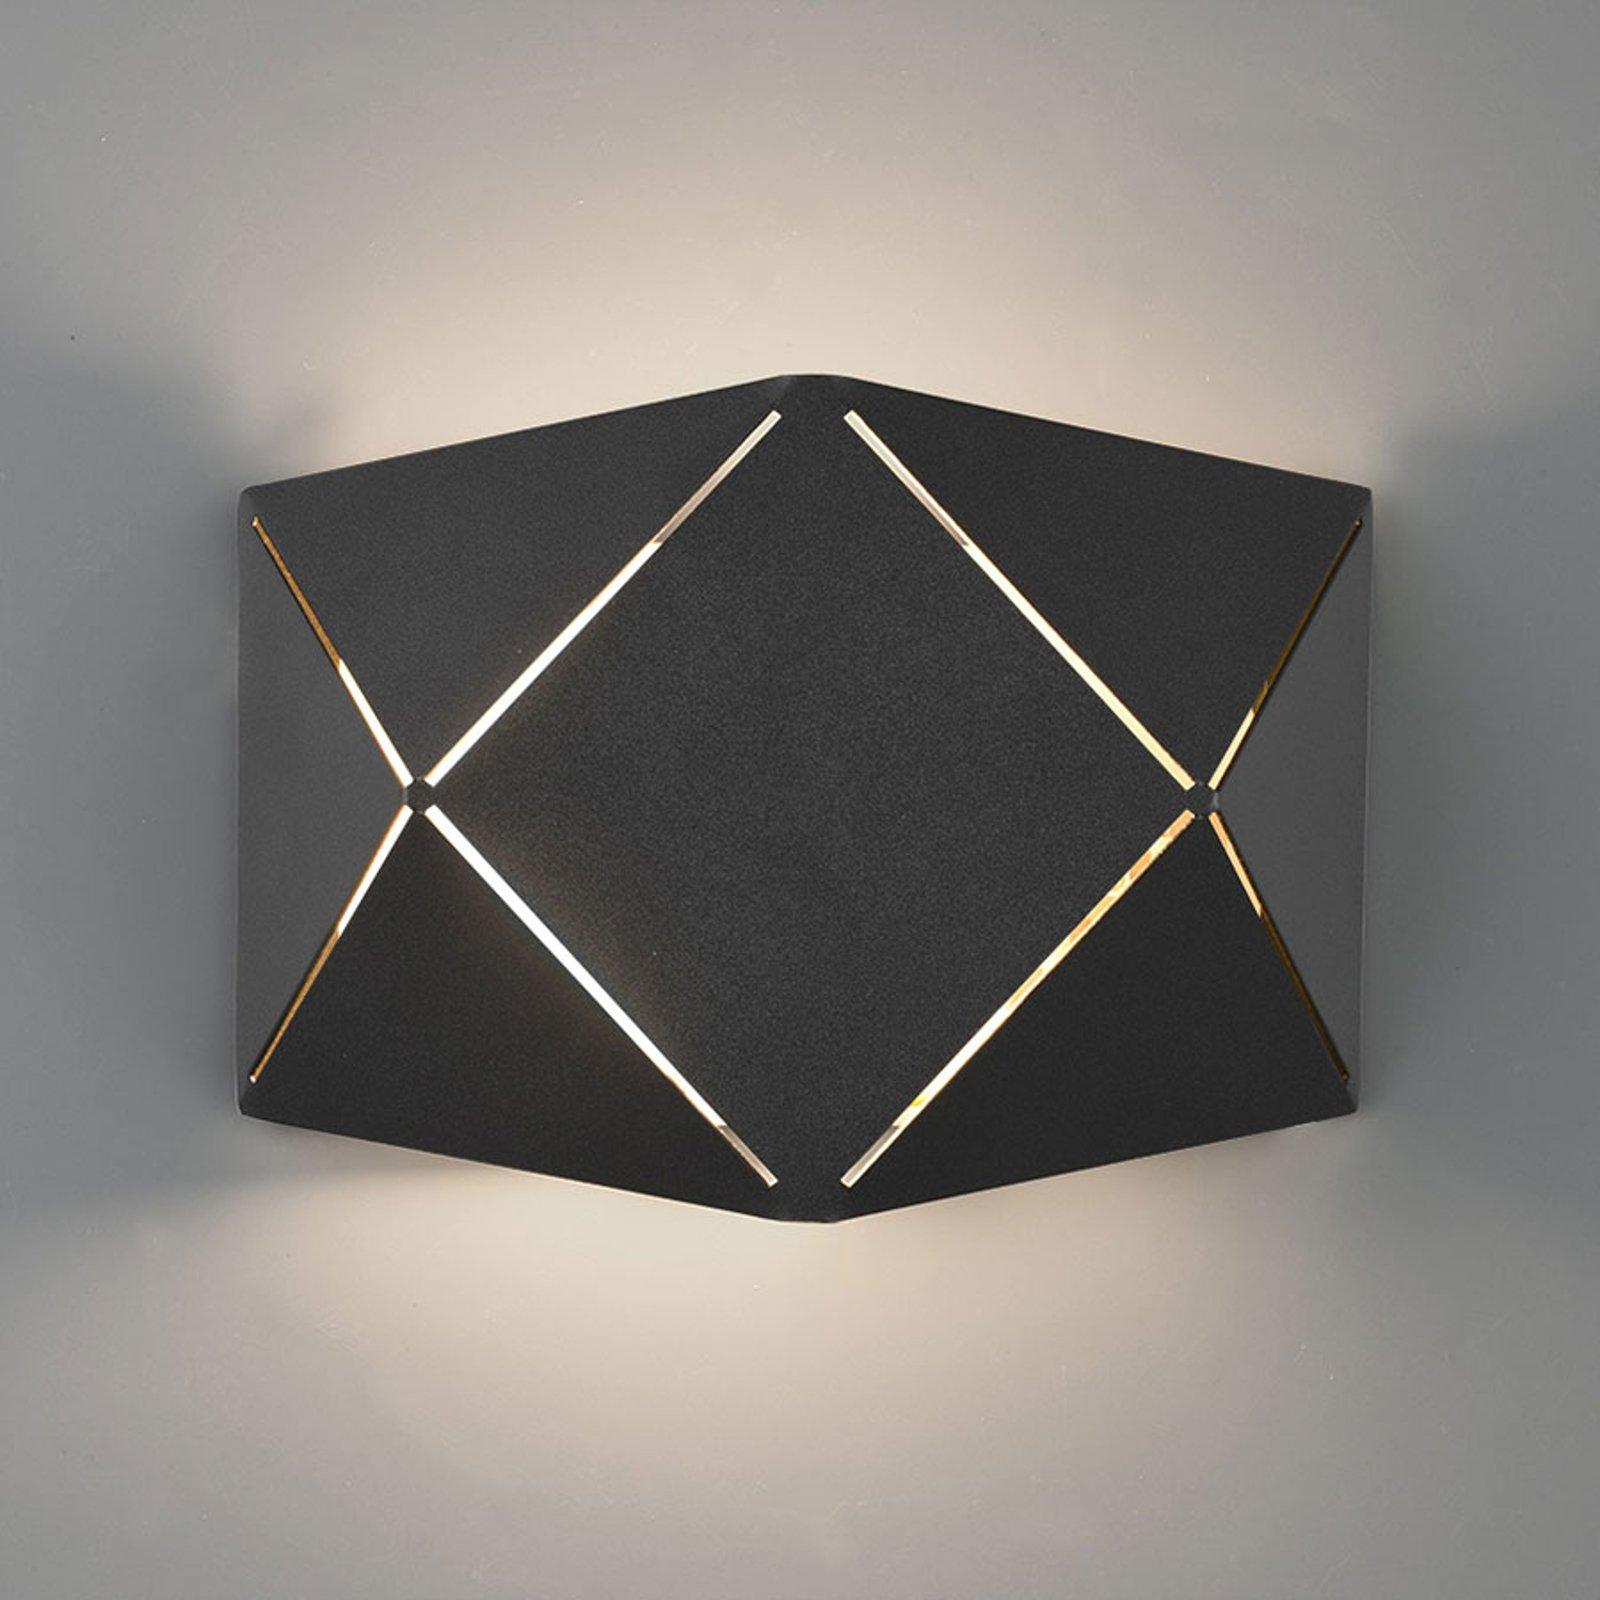 LED-vegglampe Zandor i svart, bredde 18 cm